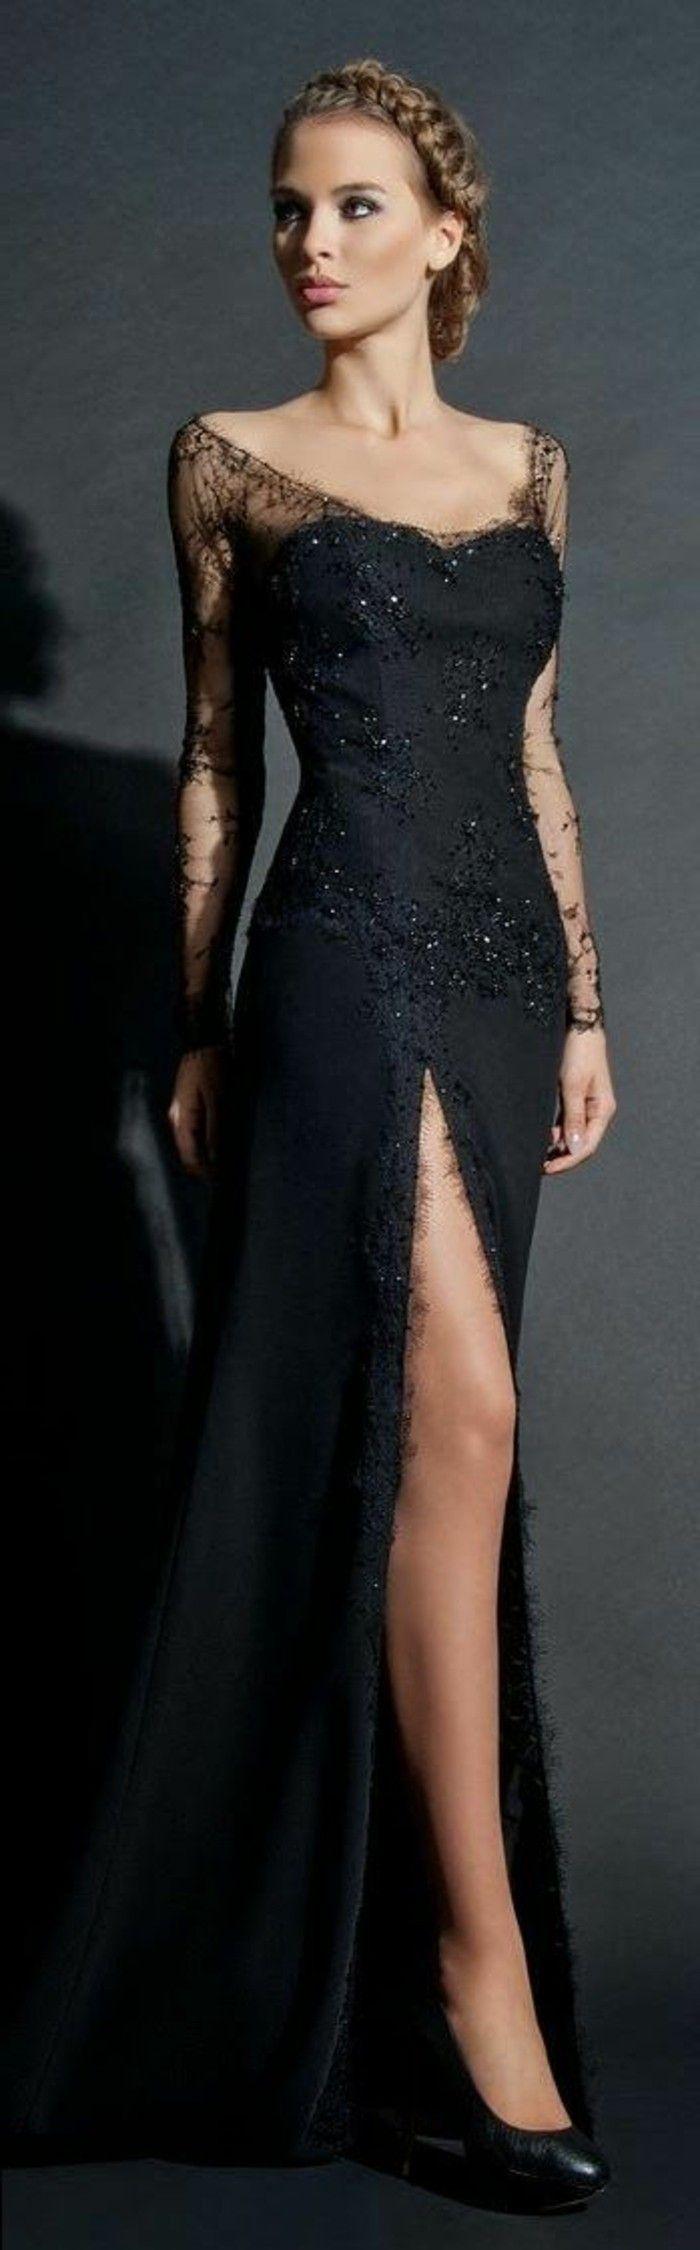 festliche kleidung schwarzes aberndkleid mit glutzer effekt ...